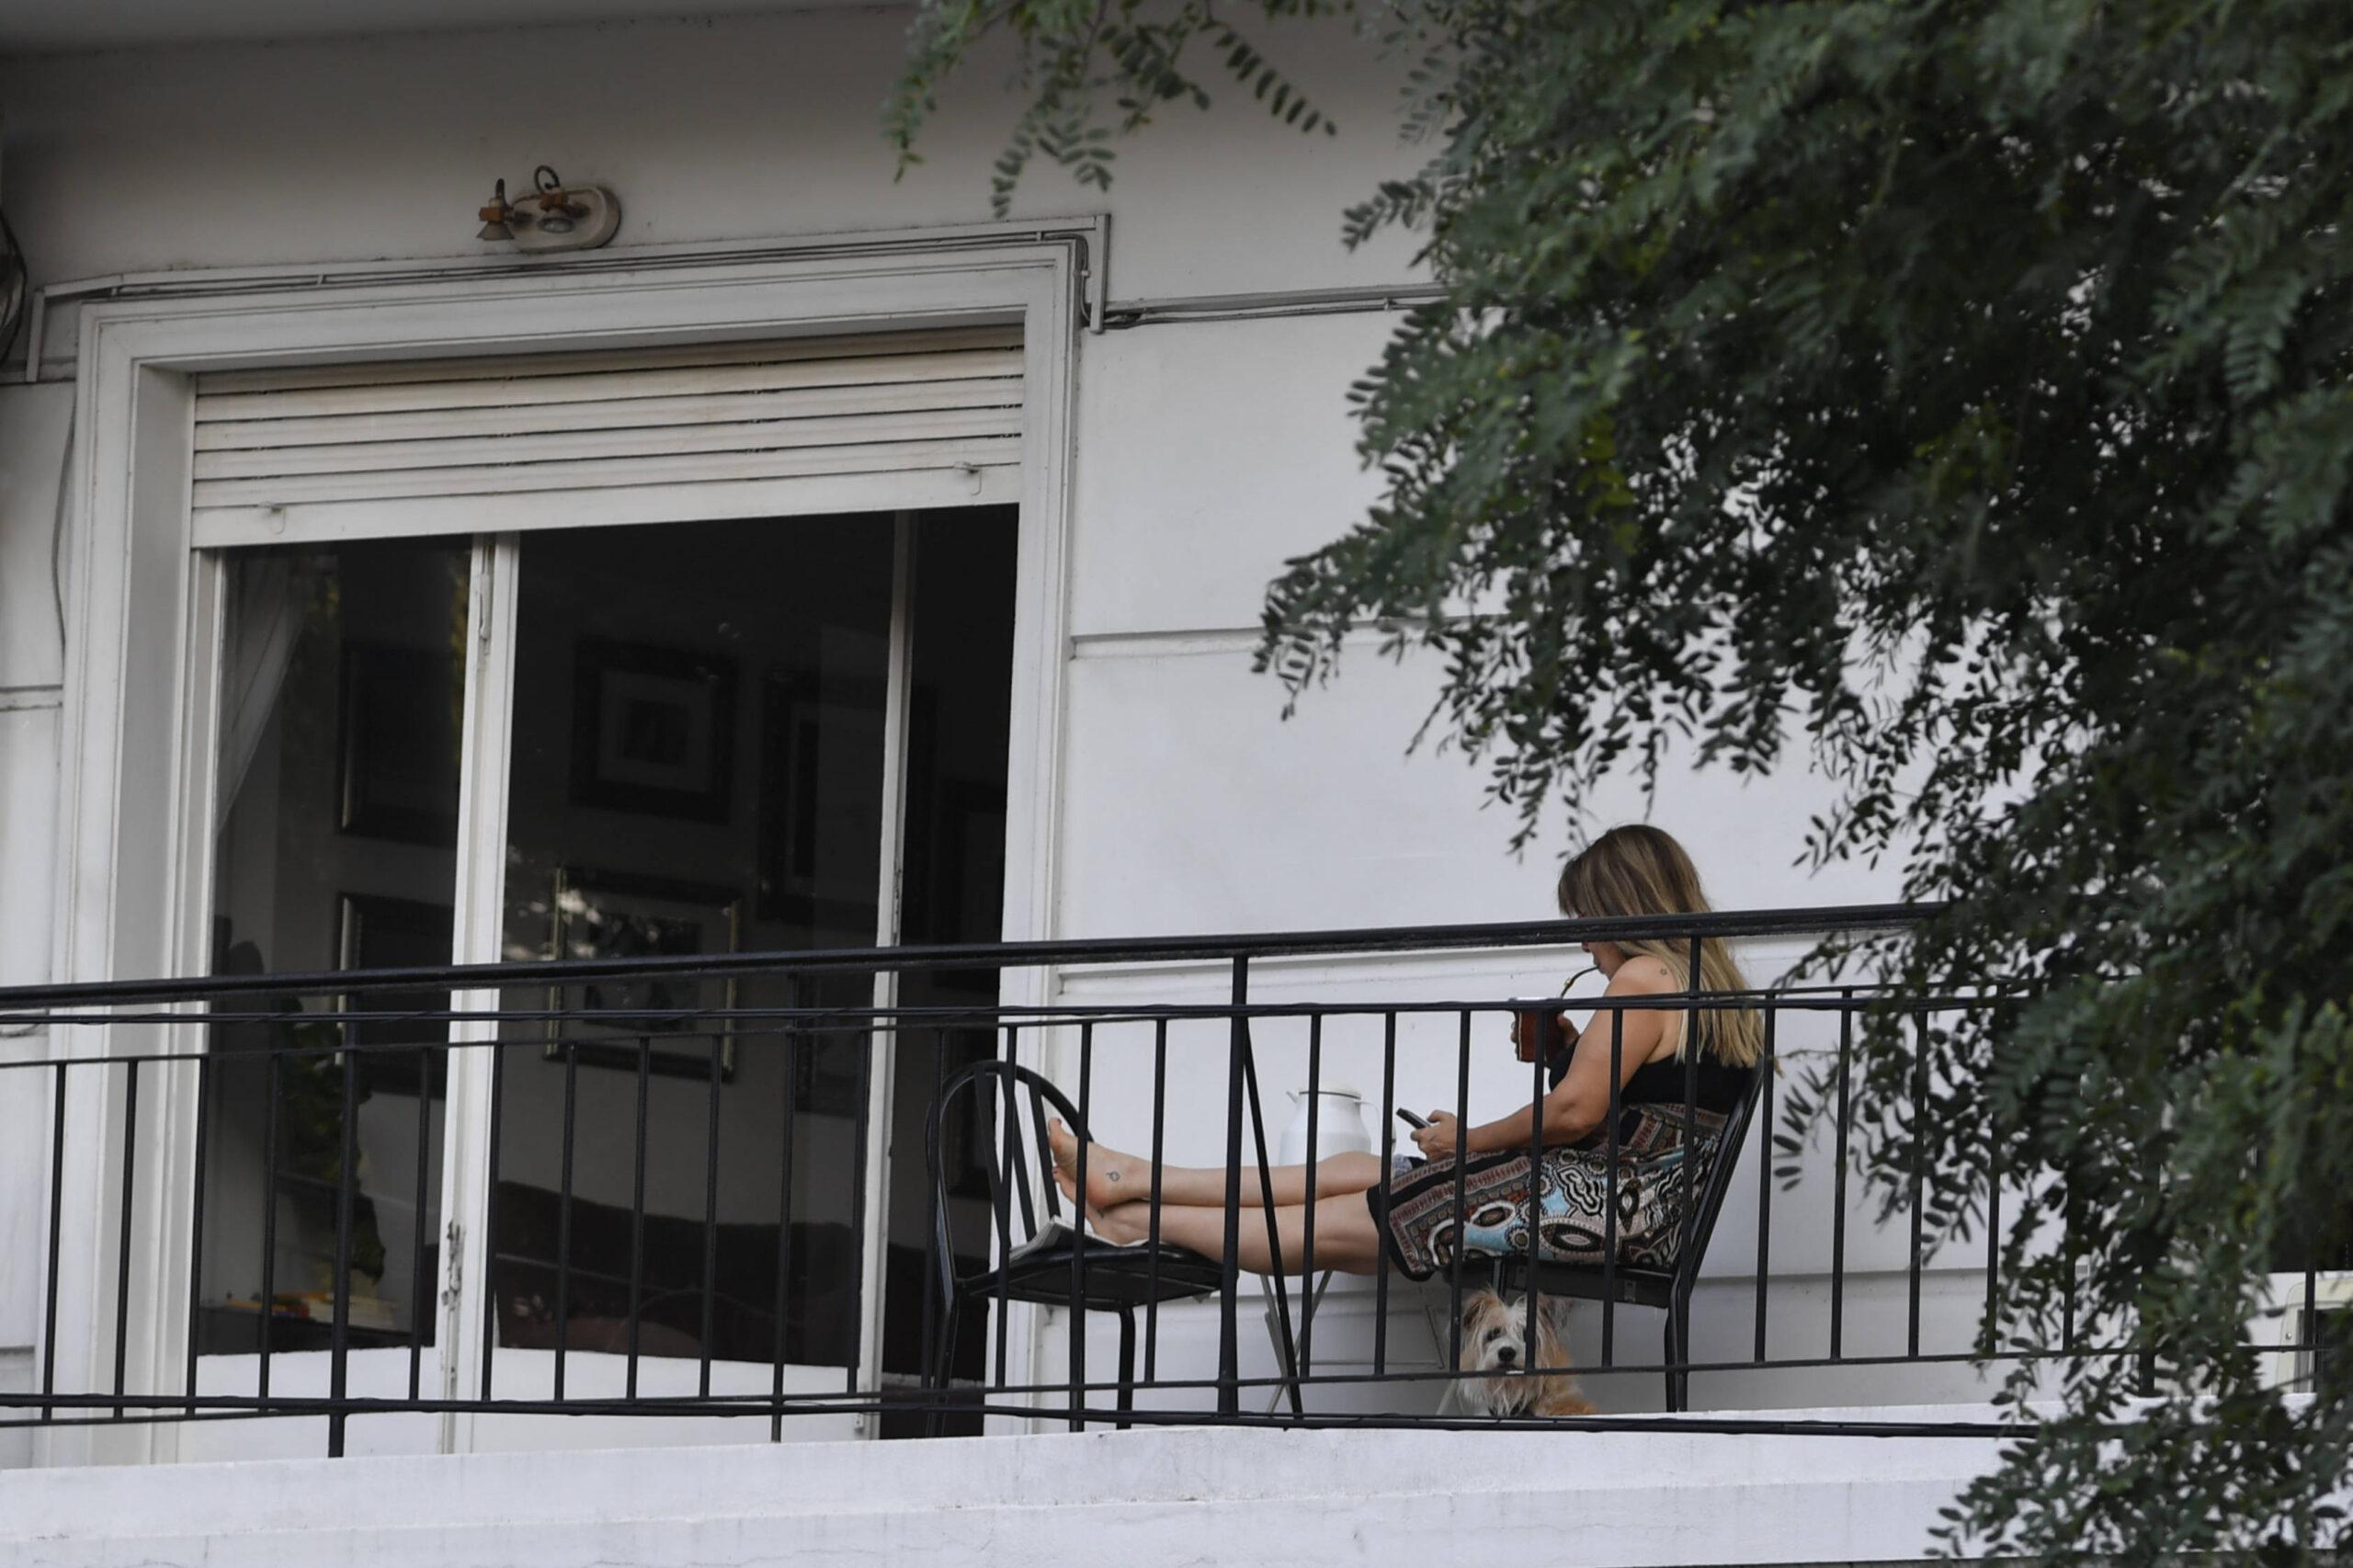 Full Size of Sichtschutz Balkon Paravent Obi Holz Garten Sichtschutzfolie Fenster Einseitig Durchsichtig Für Im Sichtschutzfolien Wpc Wohnzimmer Sichtschutz Balkon Paravent